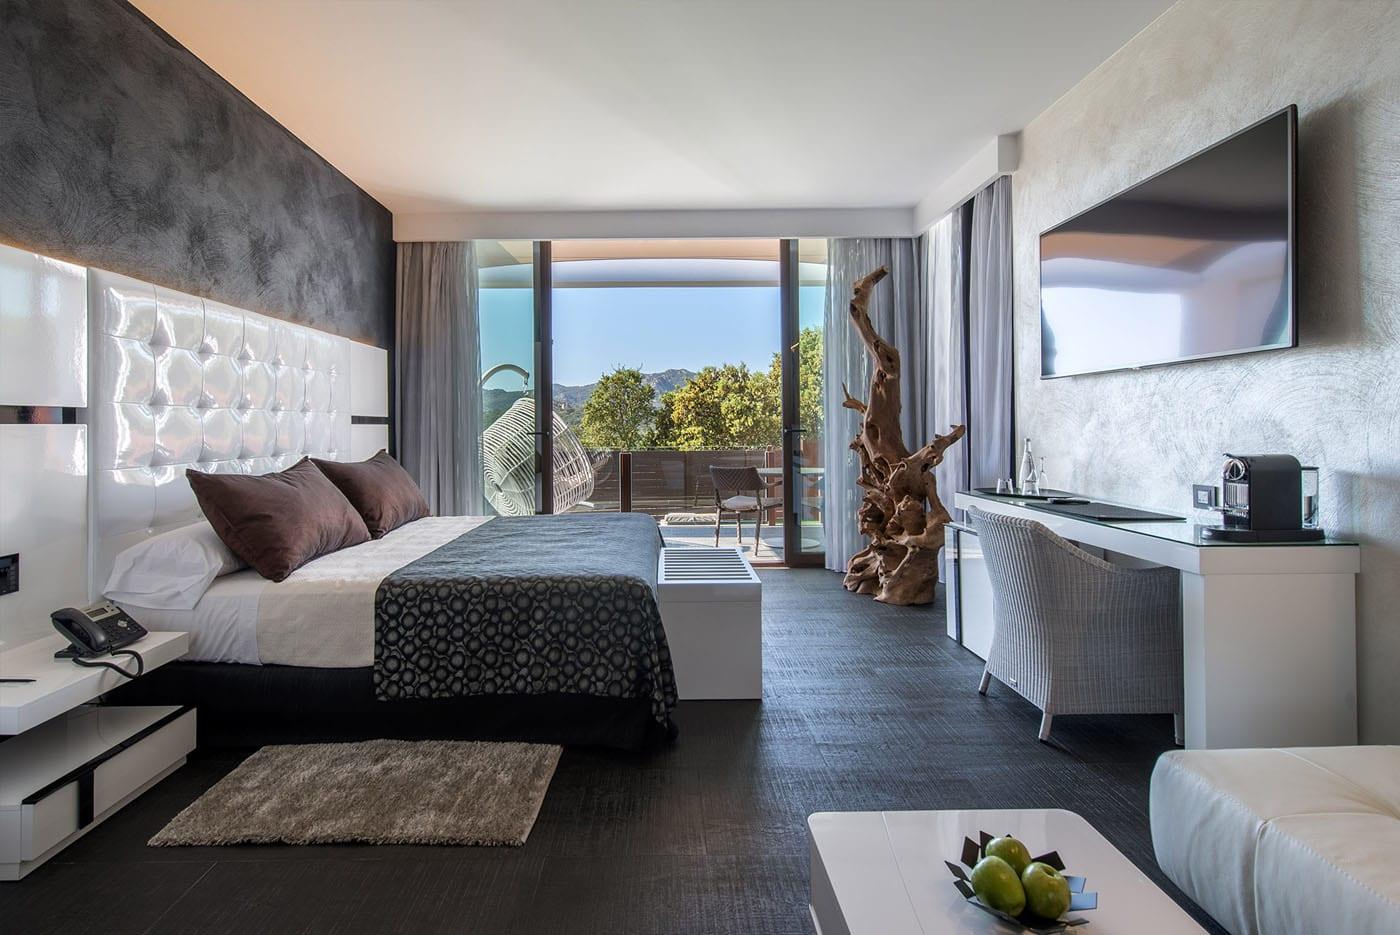 hotel-salles-mas-tapiolas-adolfo-gosalvez-hoteles-panoramicos